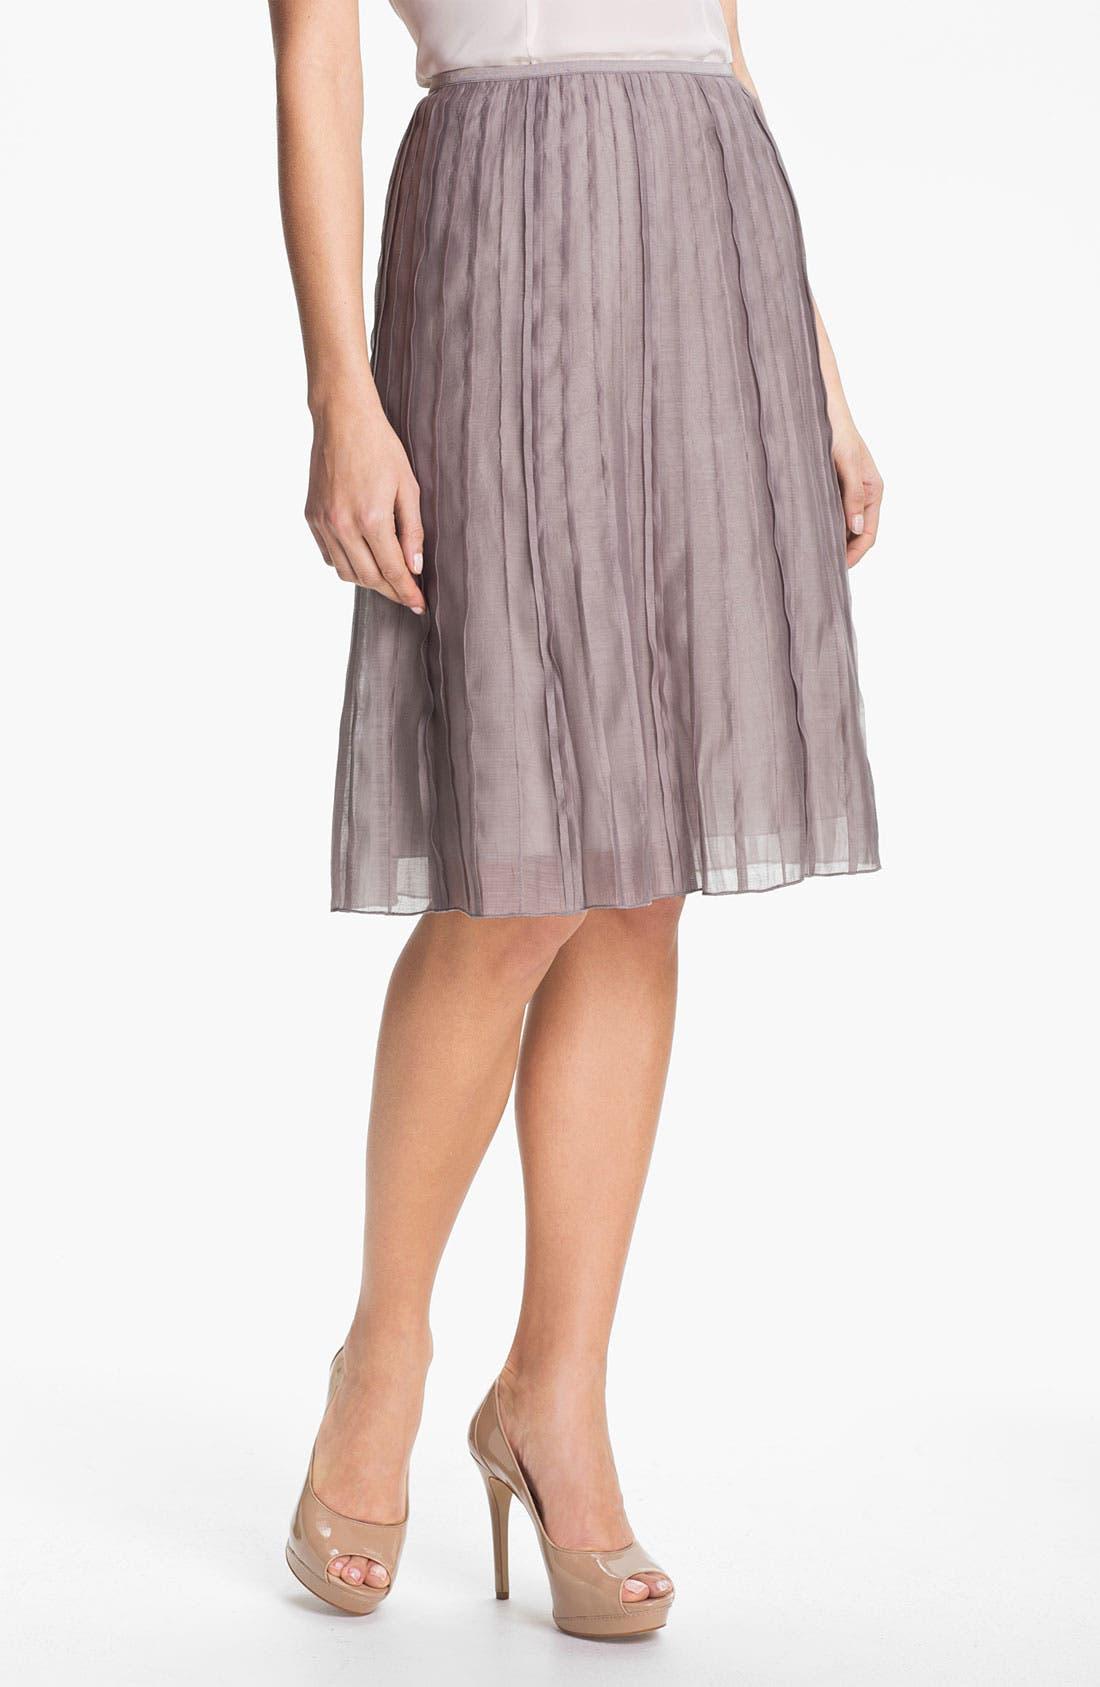 Alternate Image 1 Selected - Nic + Zoe 'Batiste' Flirt Skirt